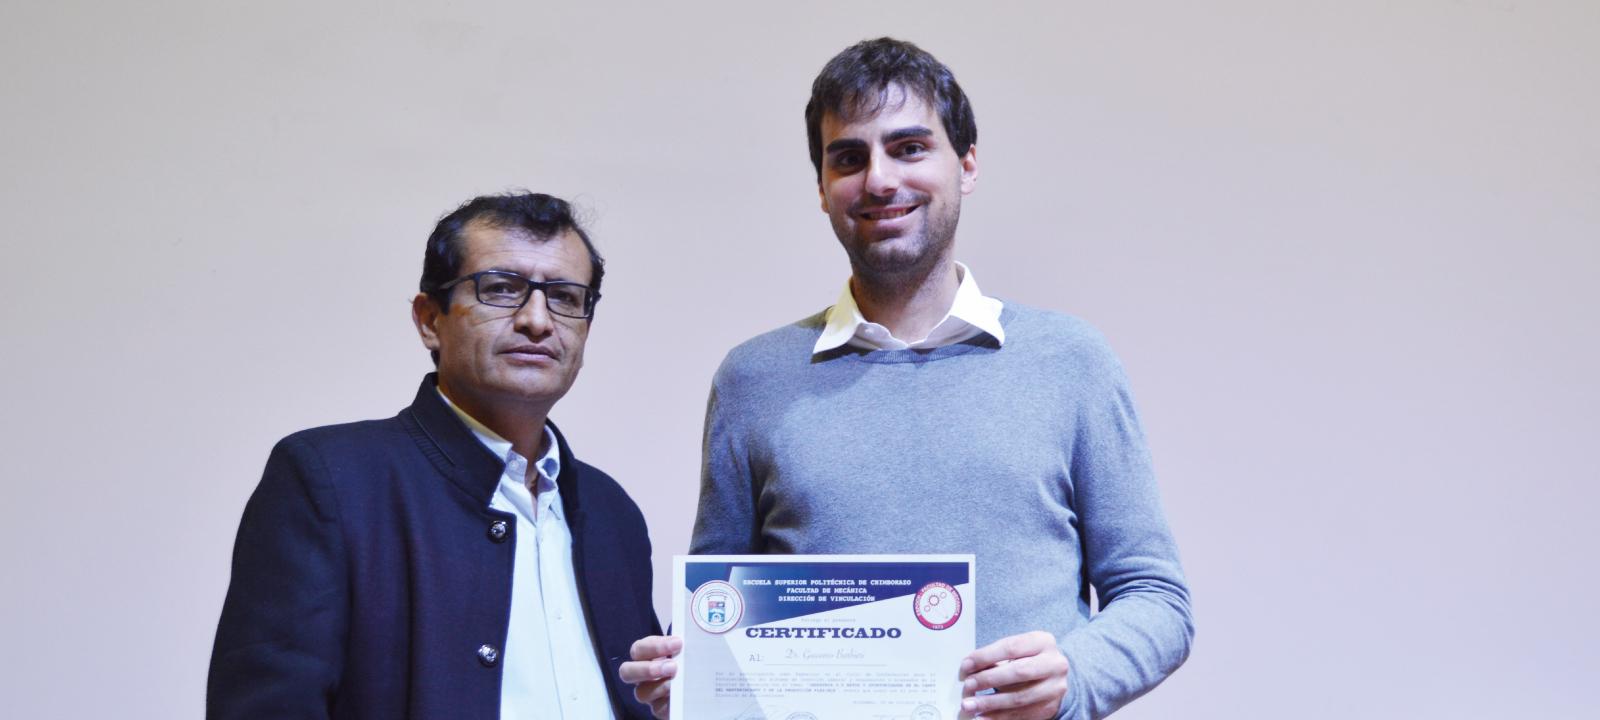 El profesor Giacomo Barbieri fue invitado al encuentro de graduados de la Facultad de Mecánica de la Escuela Politécnica Superior de Chimborazo (Ecuador) para hacer una exposición acerca del tema de la Industria 4.0